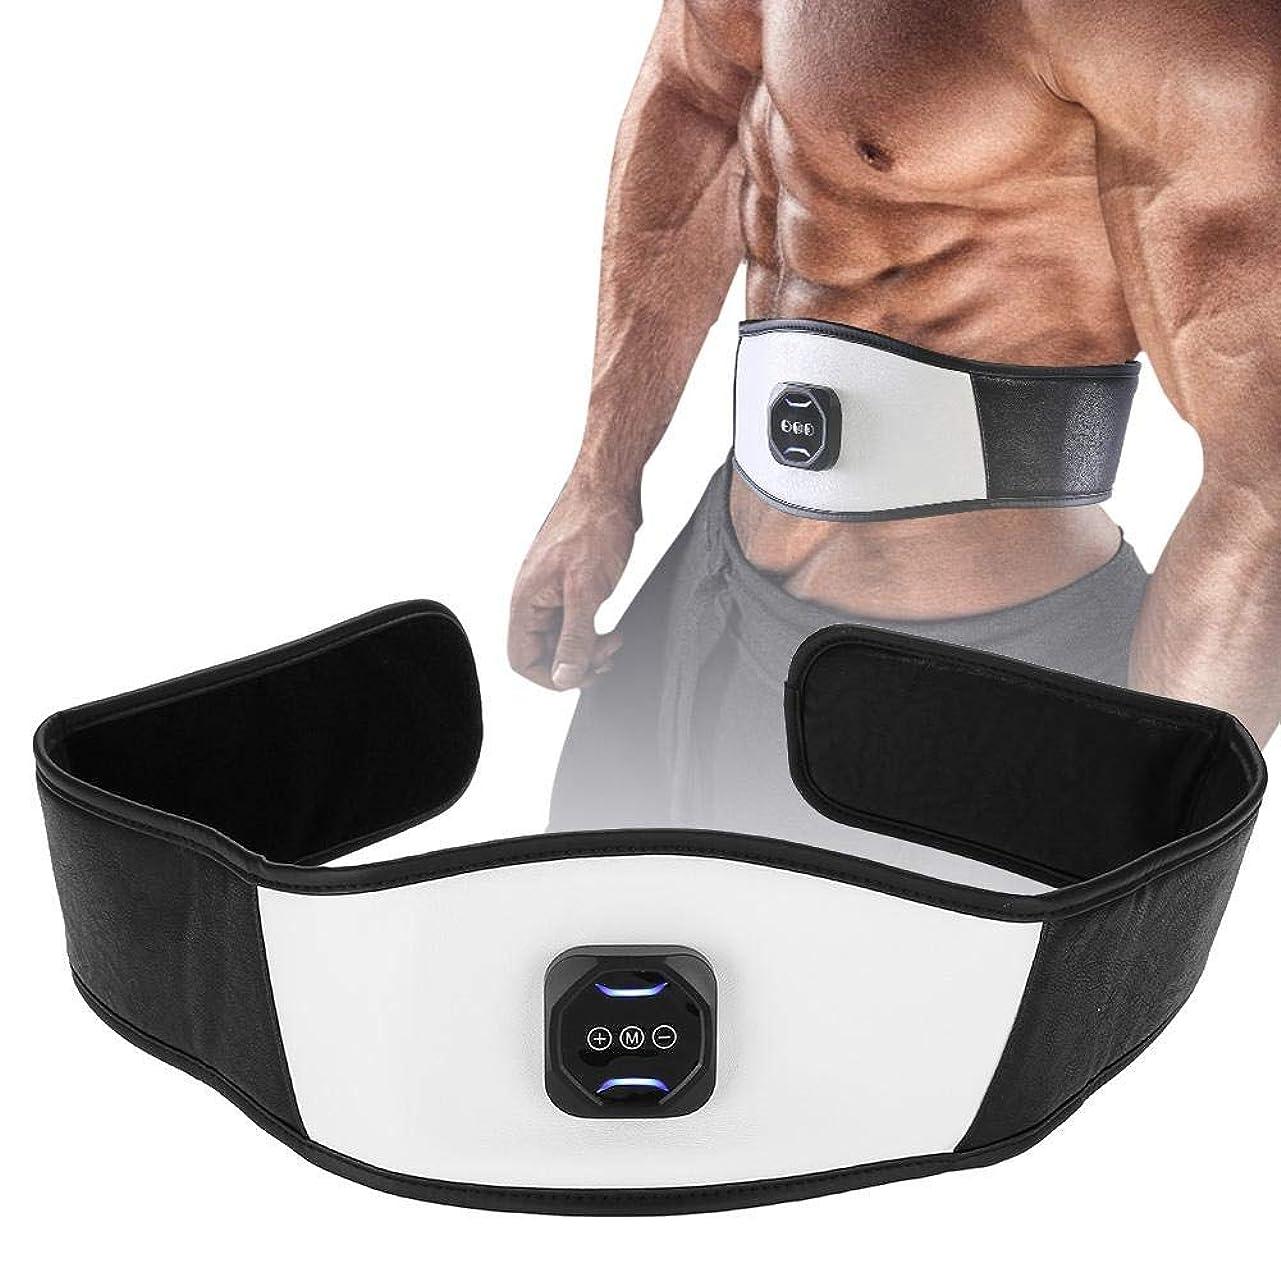 スタッフ肩をすくめる感動する電動スリミングベルト 腹部マッサージャー 微振動 ウエストトリマーエクササイズ ベルト